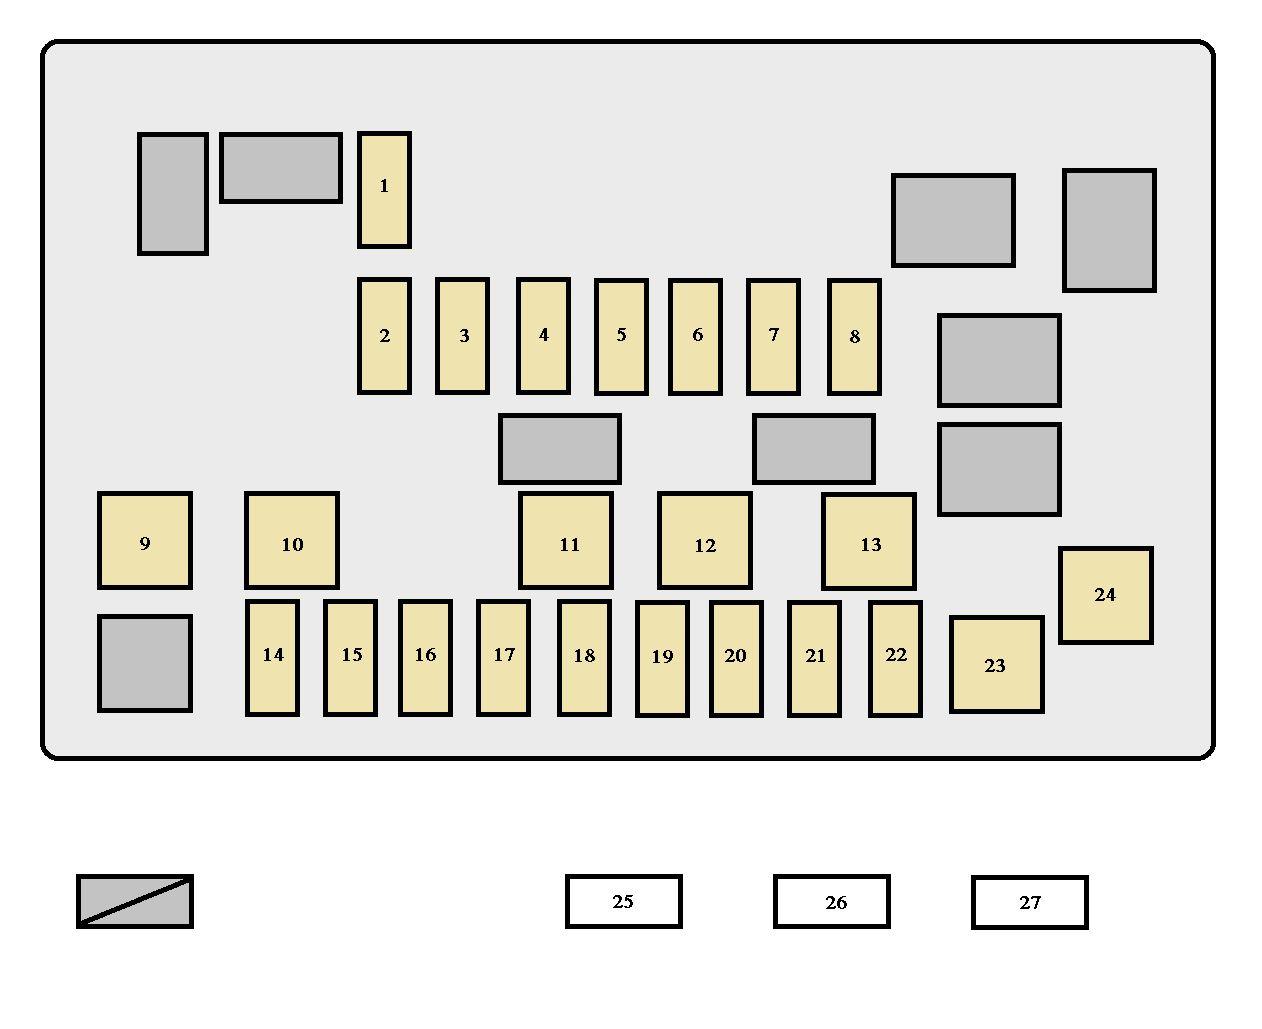 Fuse Box For Scion Tc Wiring Diagram Citroen Fuse Box Scion Fuse Box